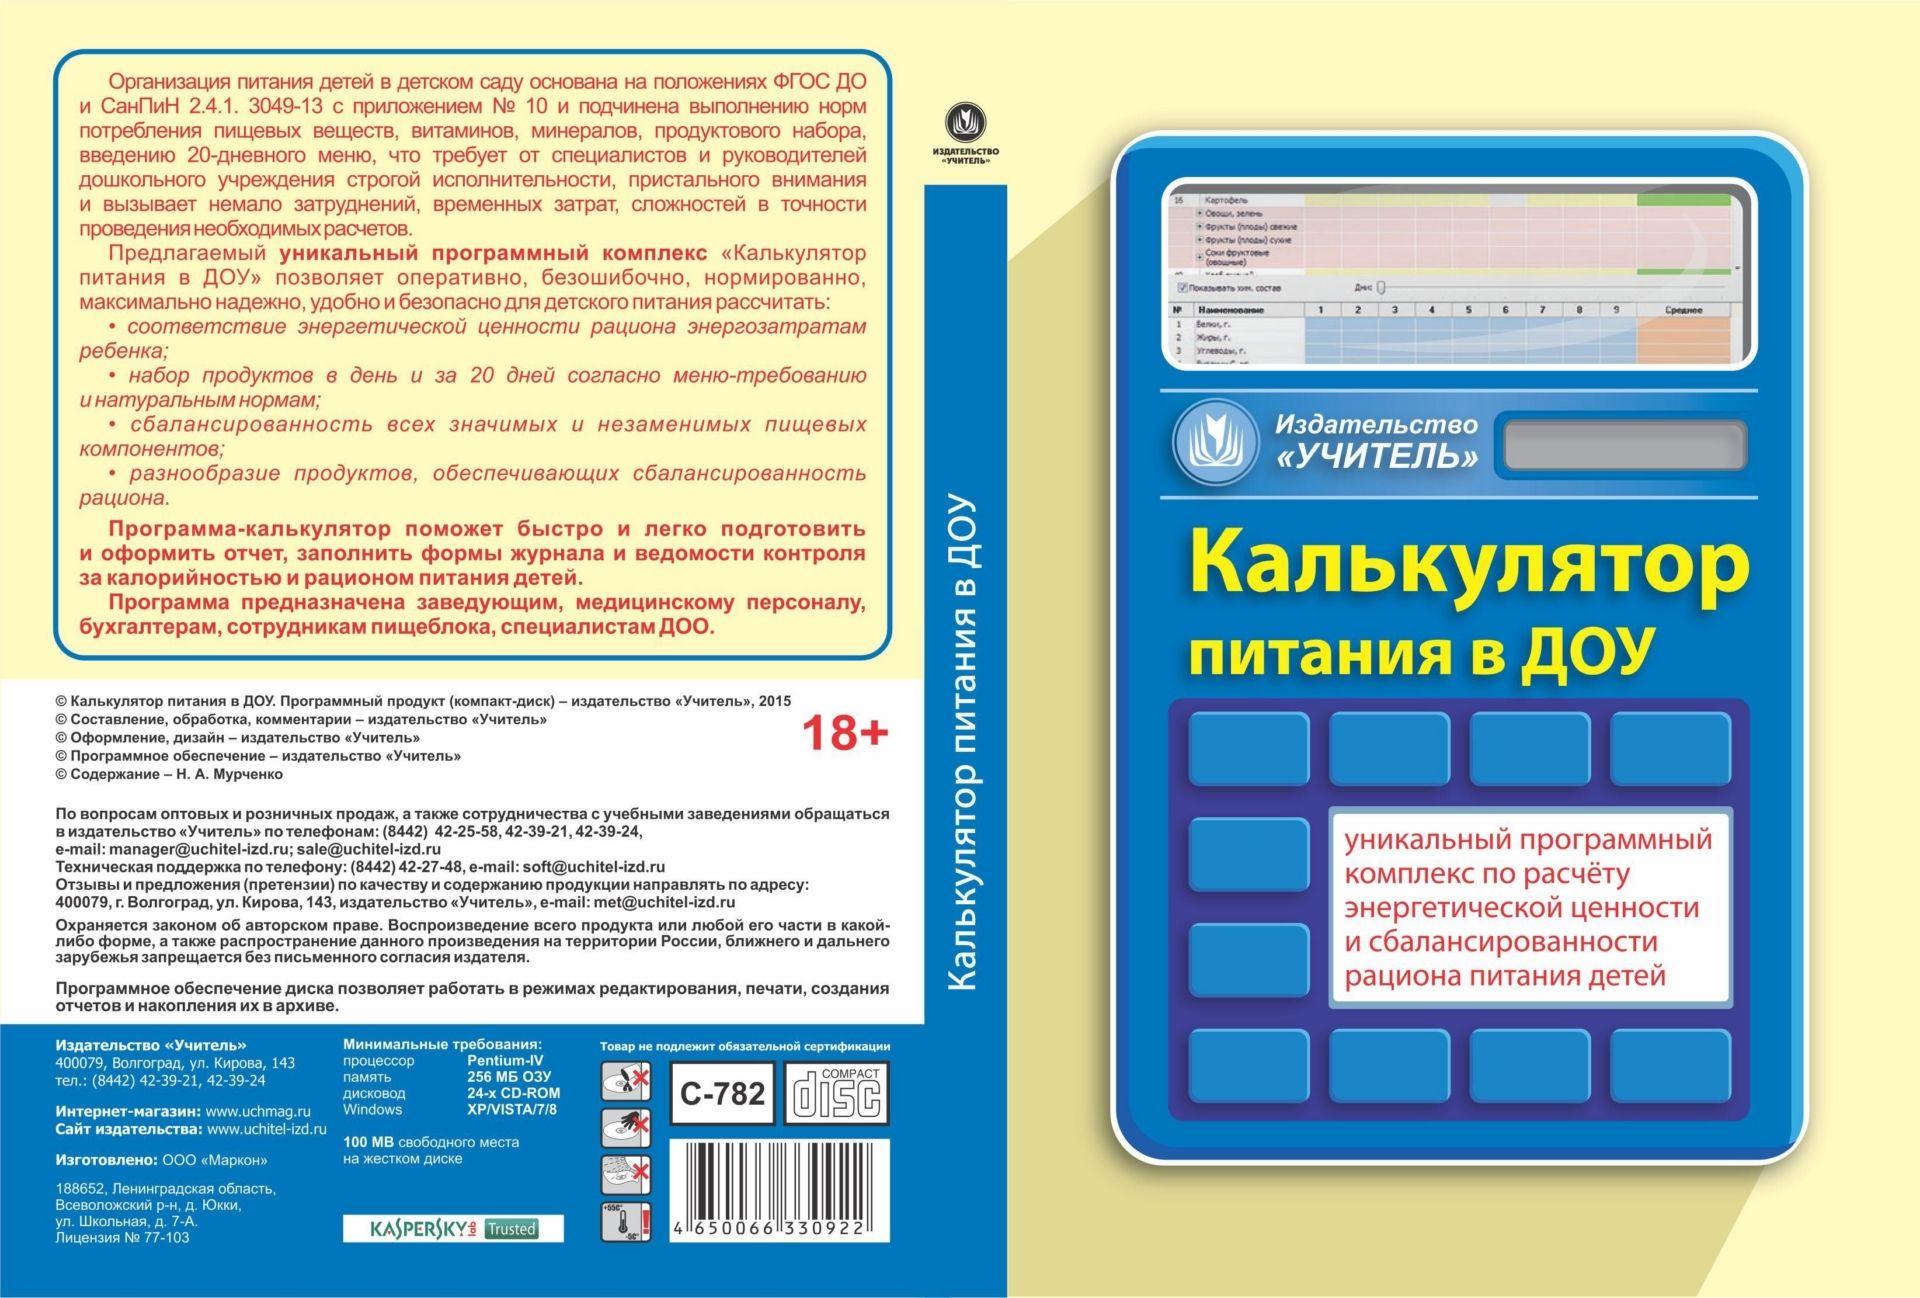 Купить со скидкой Калькулятор питания в ДОУ. Программа для установки через Интернет